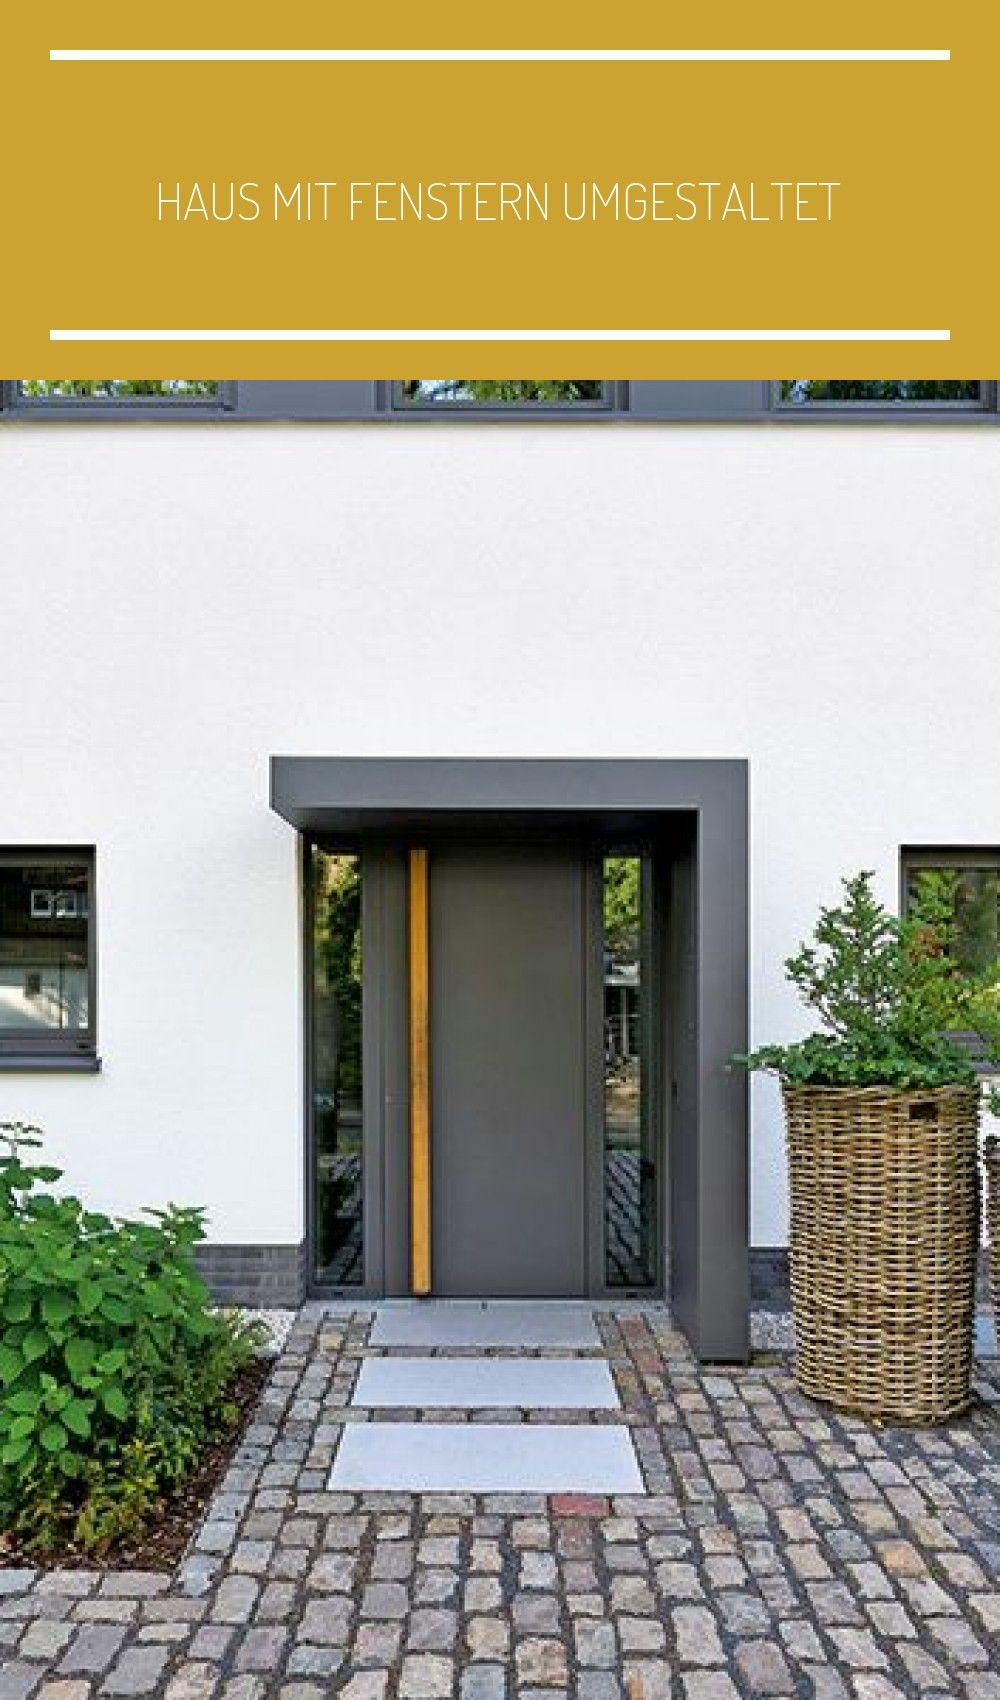 Photo of Hauseingang | Haus mit Fenstern umgestaltet | renovieren.de #eing